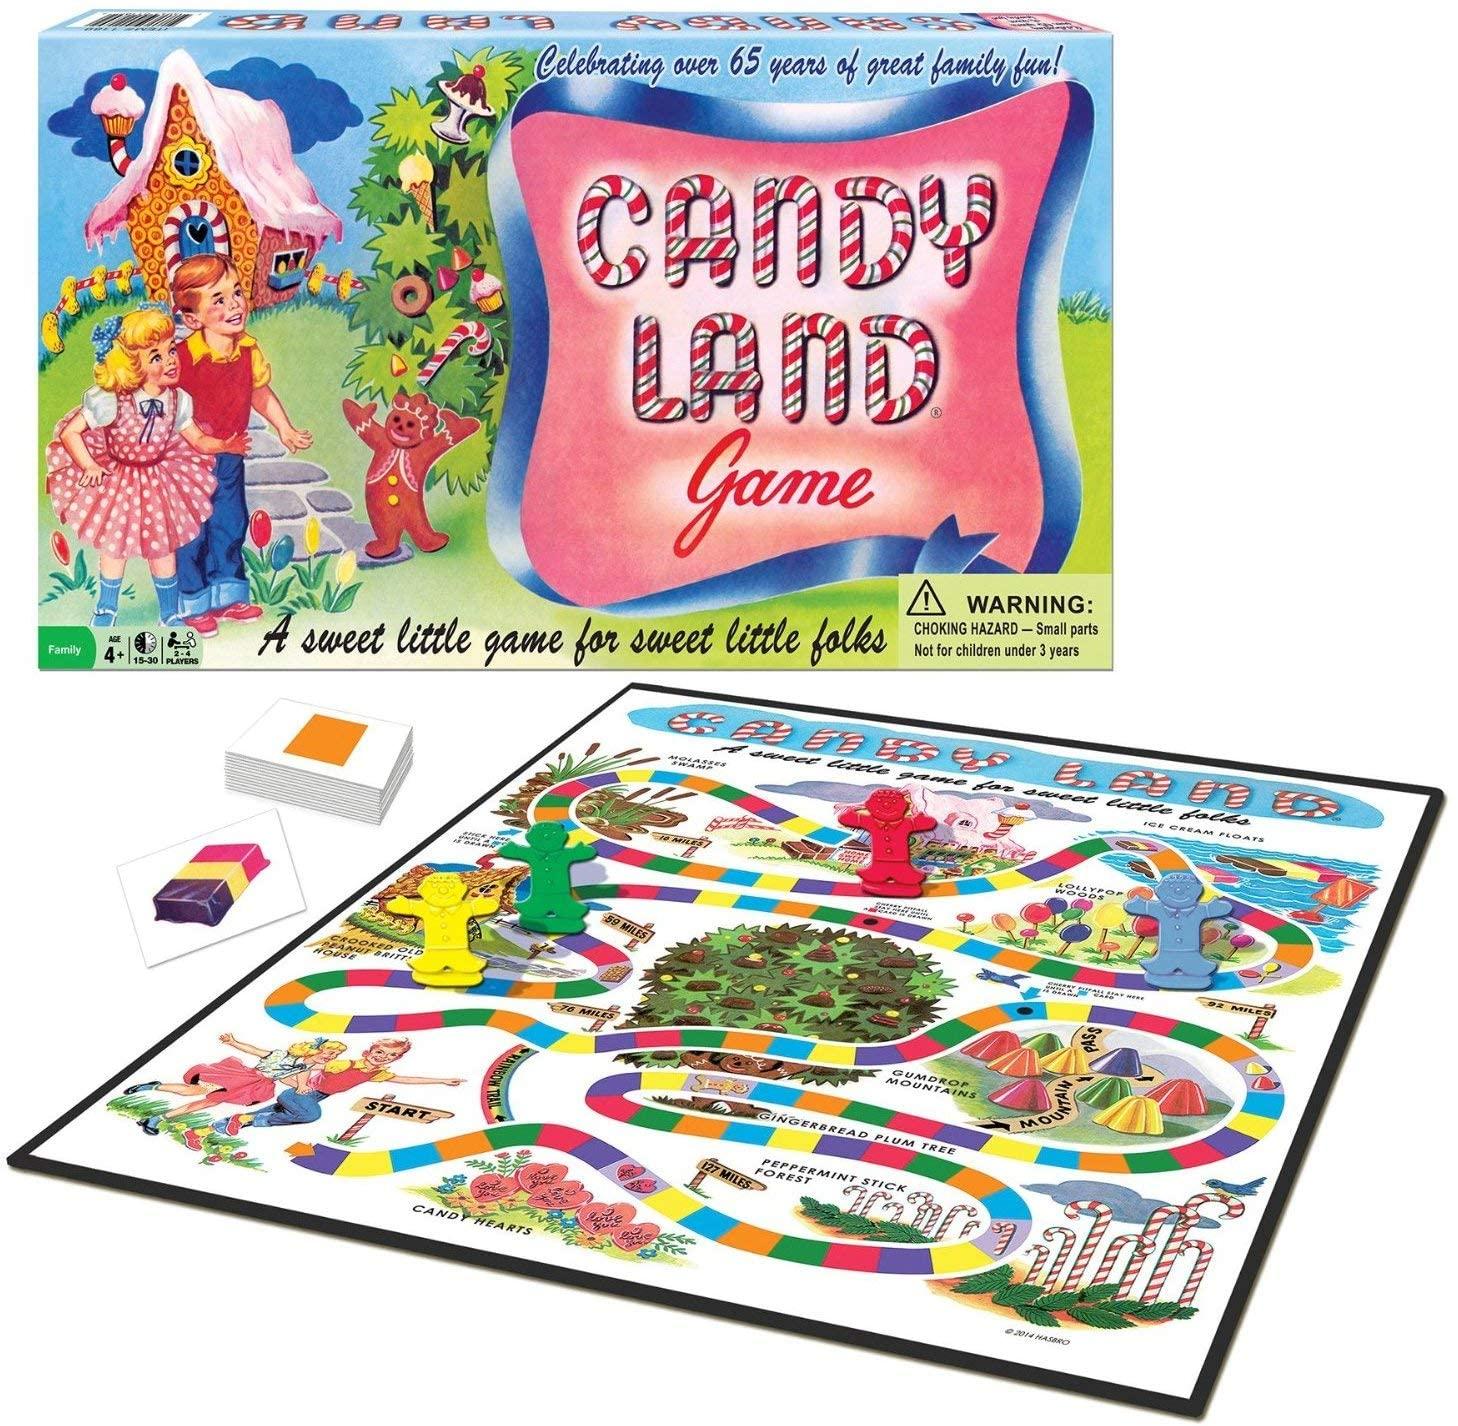 Jogo de 65 anos do Candy Land $ 11,99 22